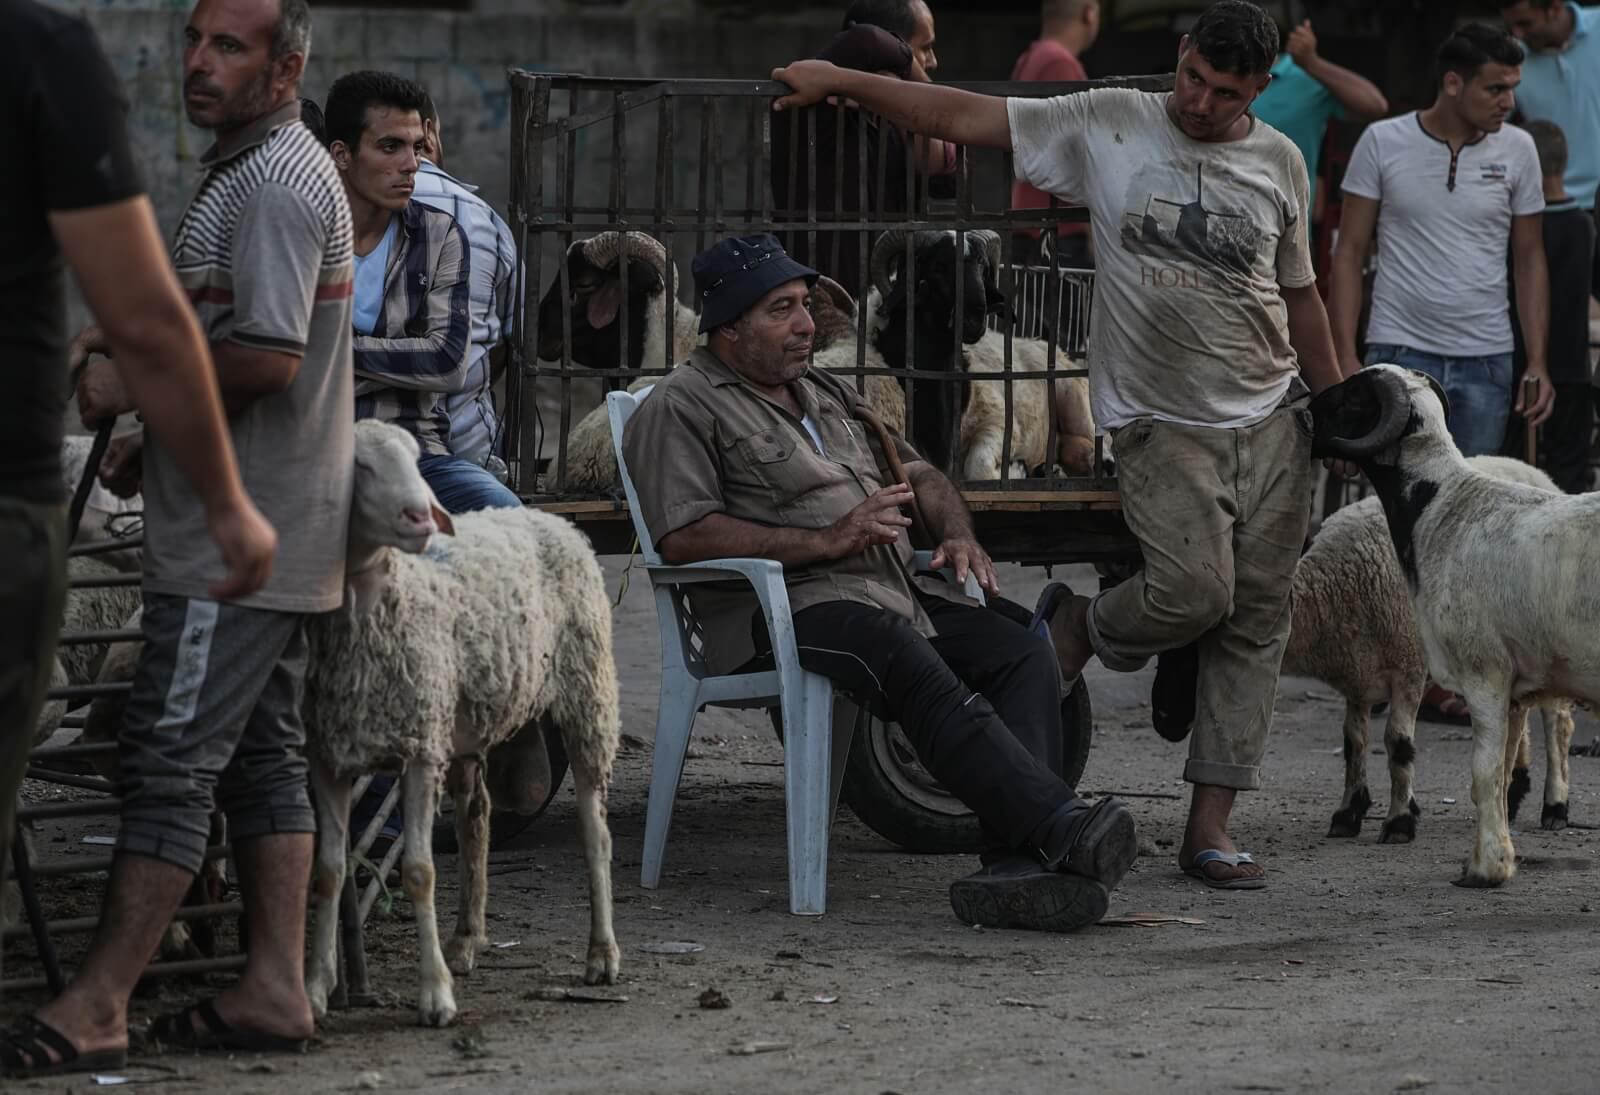 Przygotowania do święta Eid al-Adha w Stefie Gazy fot. EPA/MOHAMMED SABER